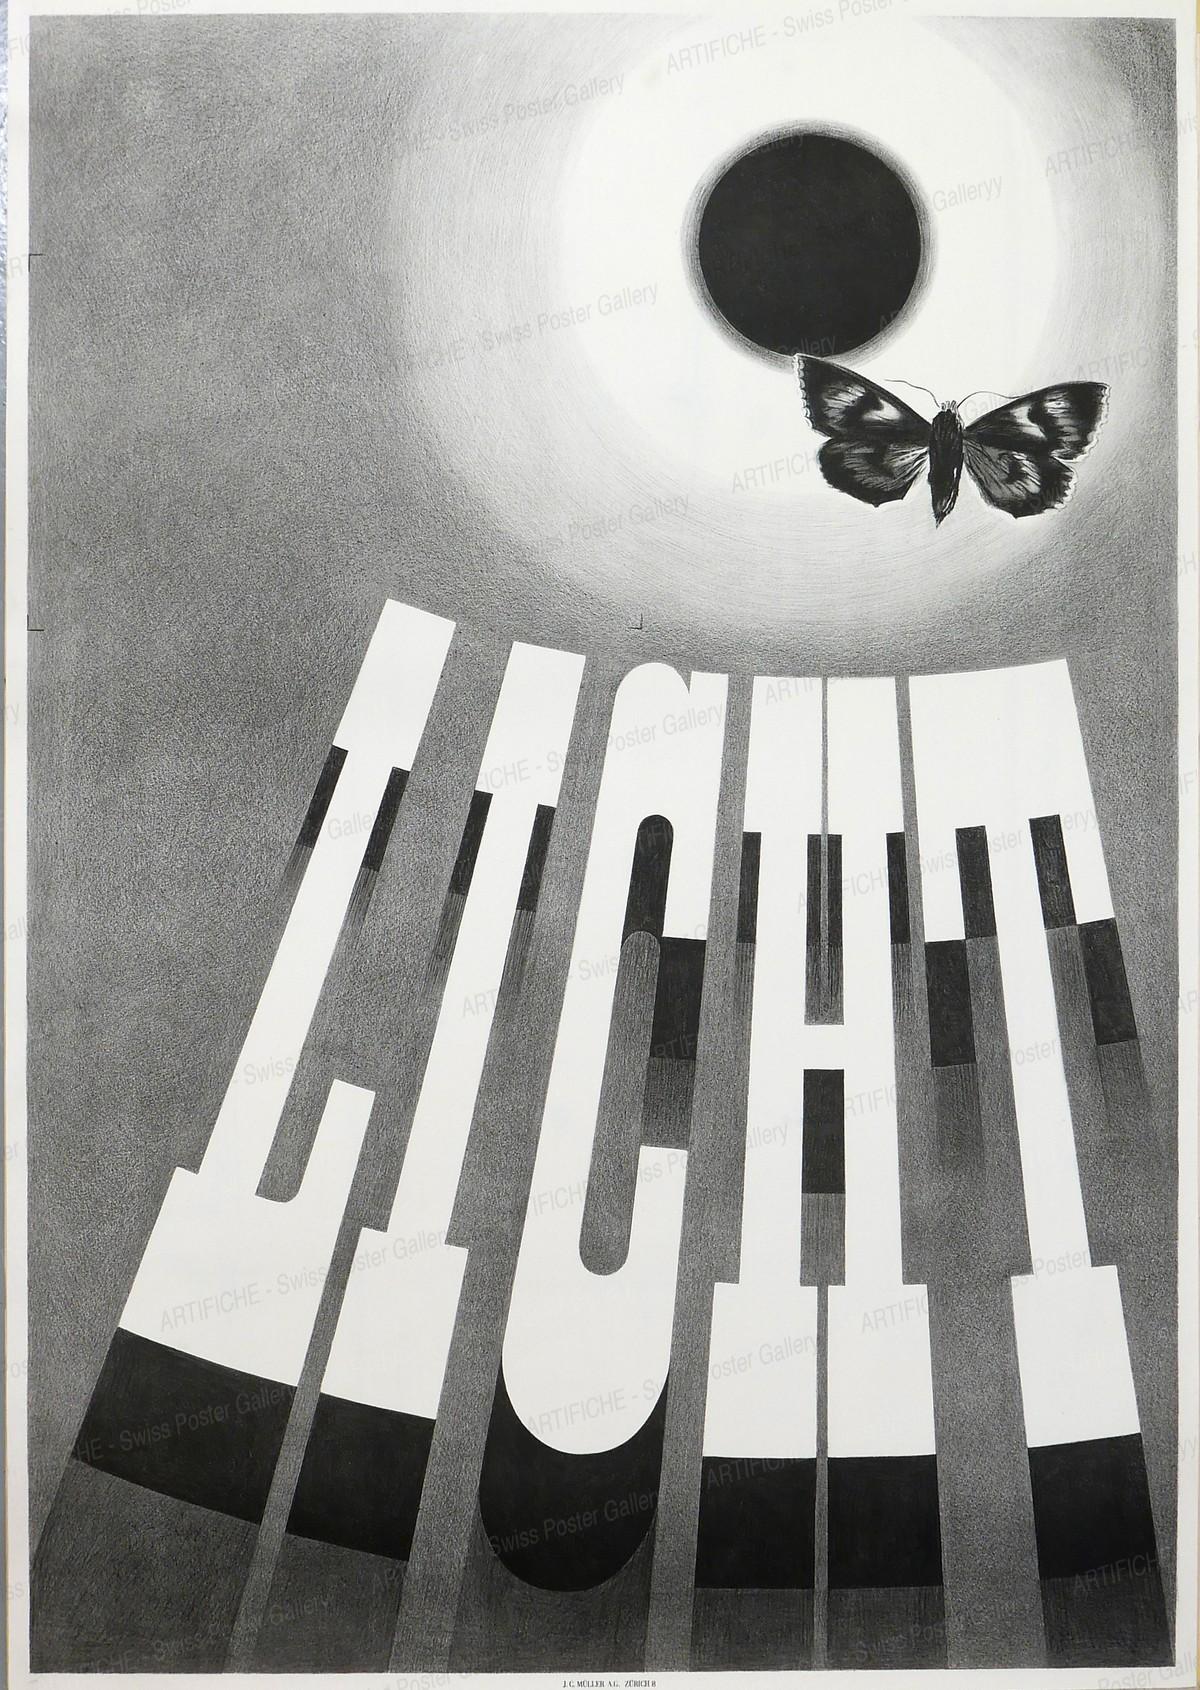 LICHT, Eugen Häfelfinger